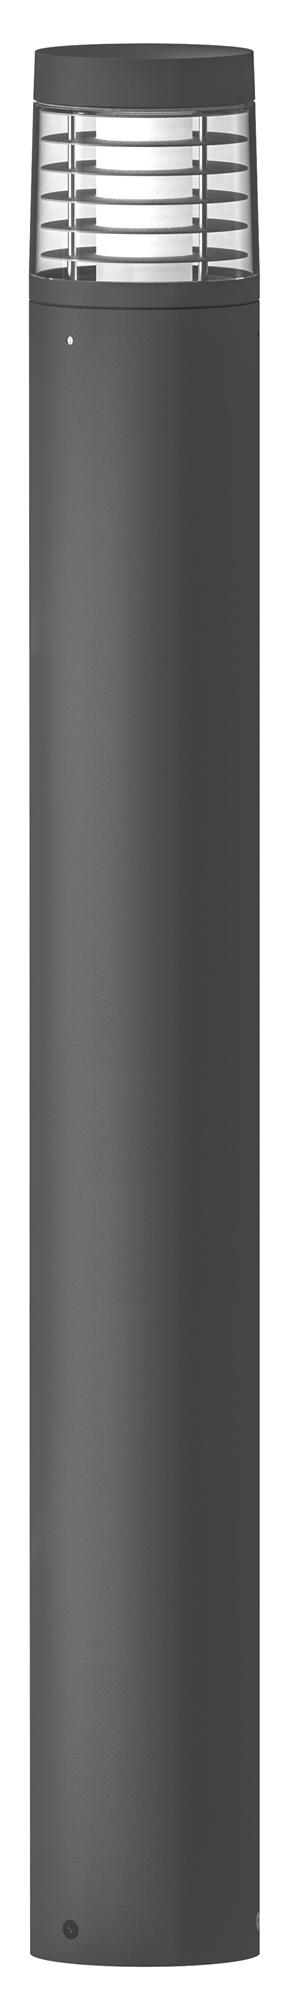 Lampenlux Außenleuchte Taurus Aluminium Schwarz 1500lm 20W LED 3000K IP54 Ø16cm